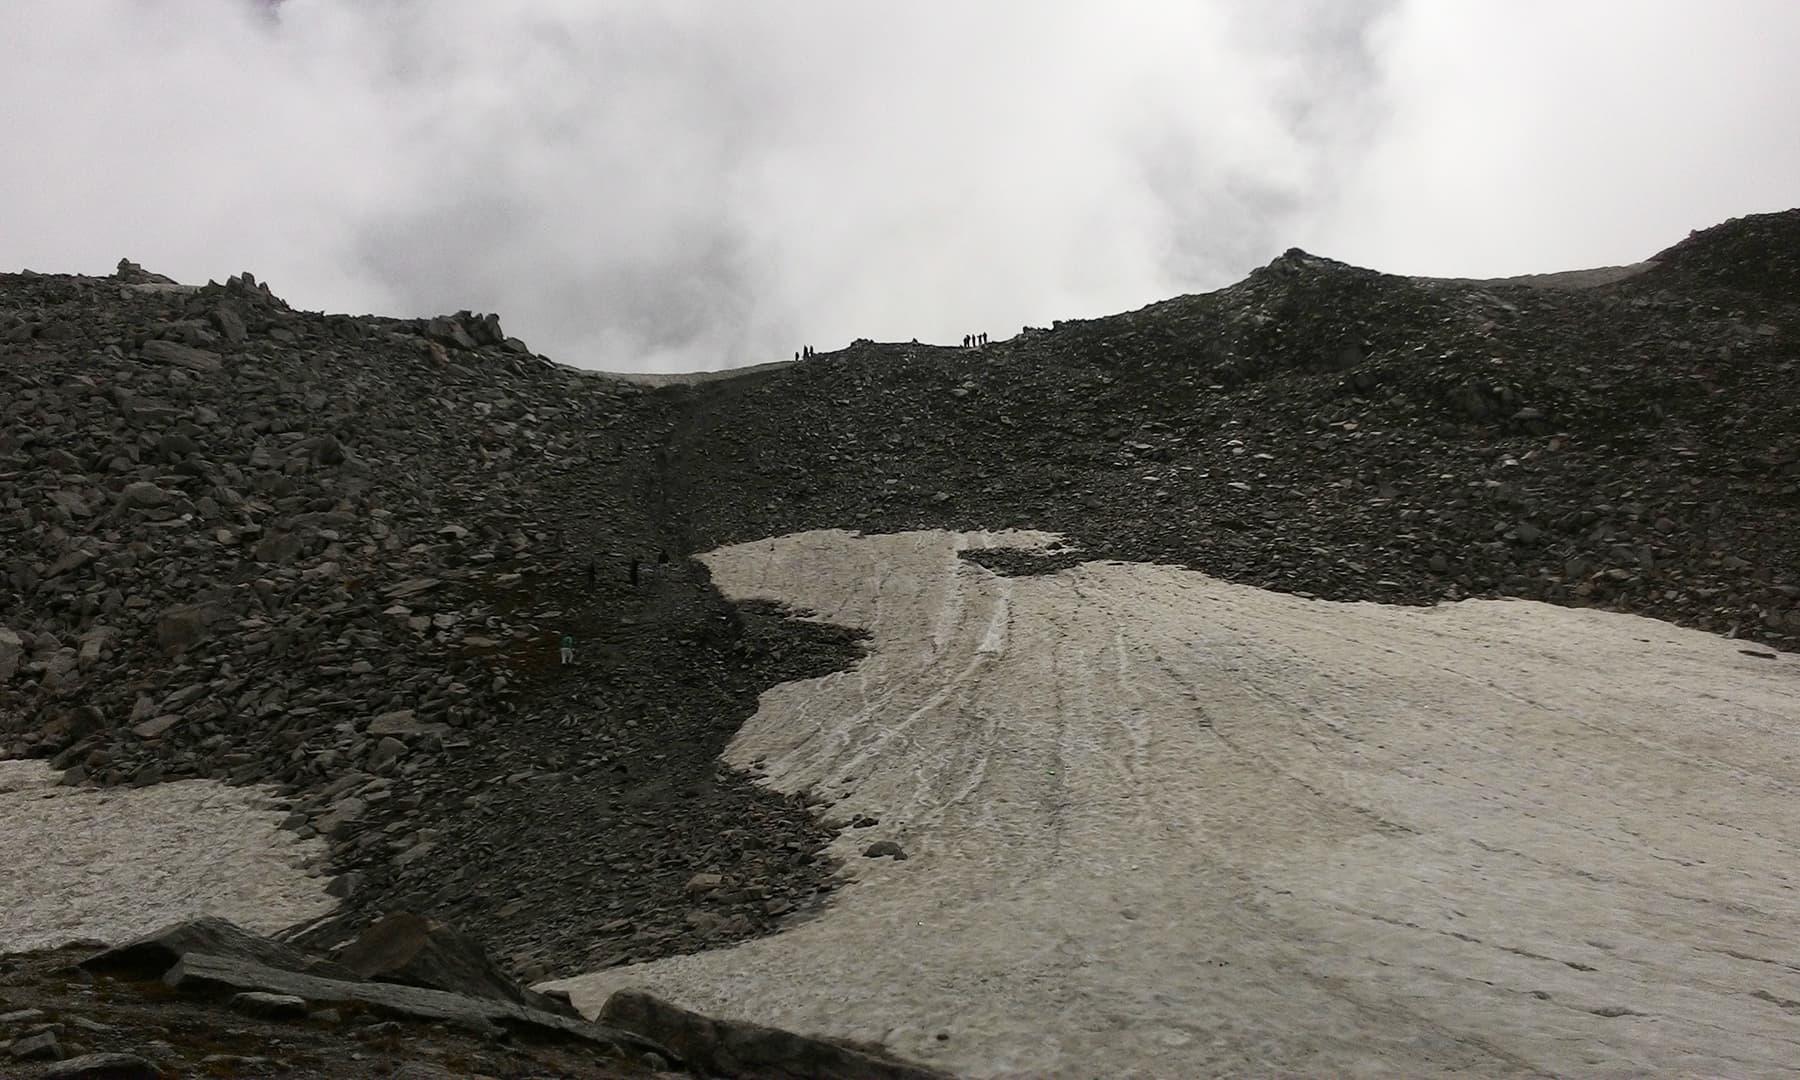 ہمارے سامنے ایک بلند پہاڑی تھی، جسے پار کرنے پر ہم آنسو جھیل دیکھ سکتے تھے—تصویر عظمت اکبر